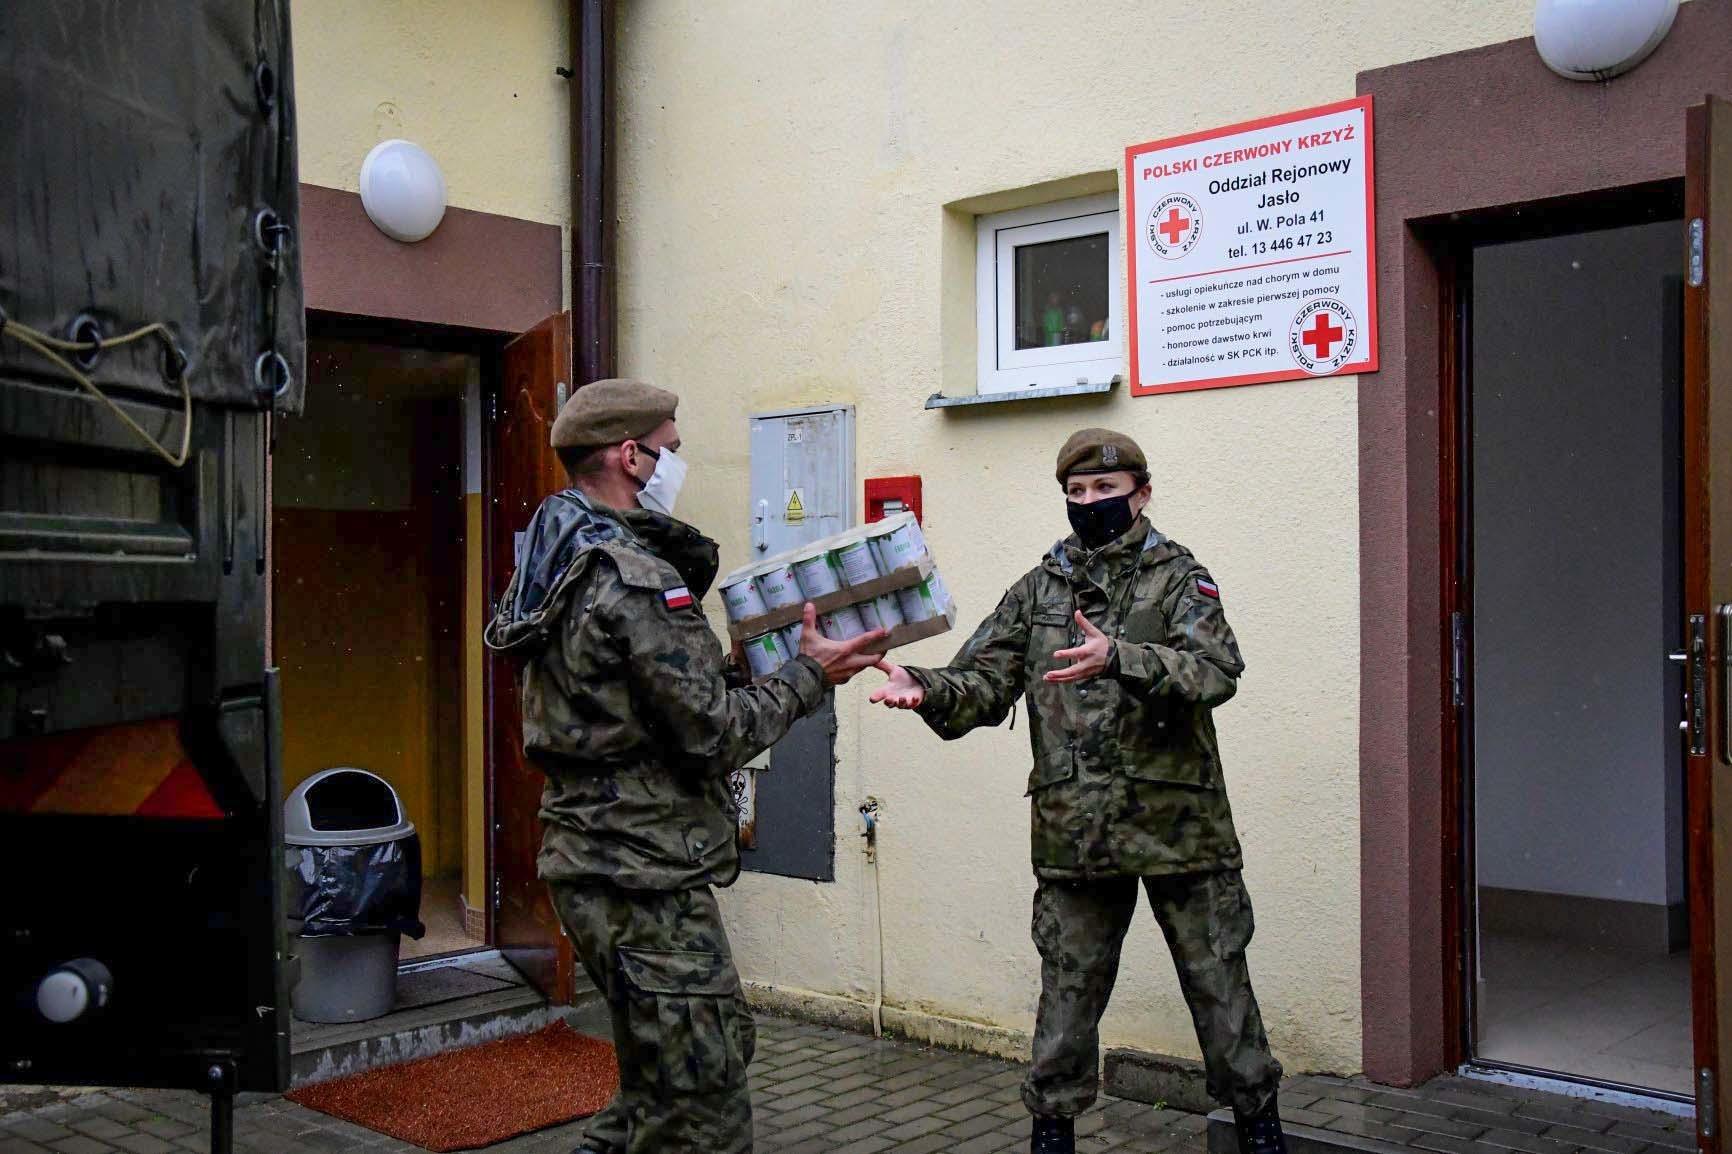 Terytorialsi podpisali porozumienie o współpracy z Caritas Diecezji Rzeszowskiej - Zdjęcie główne